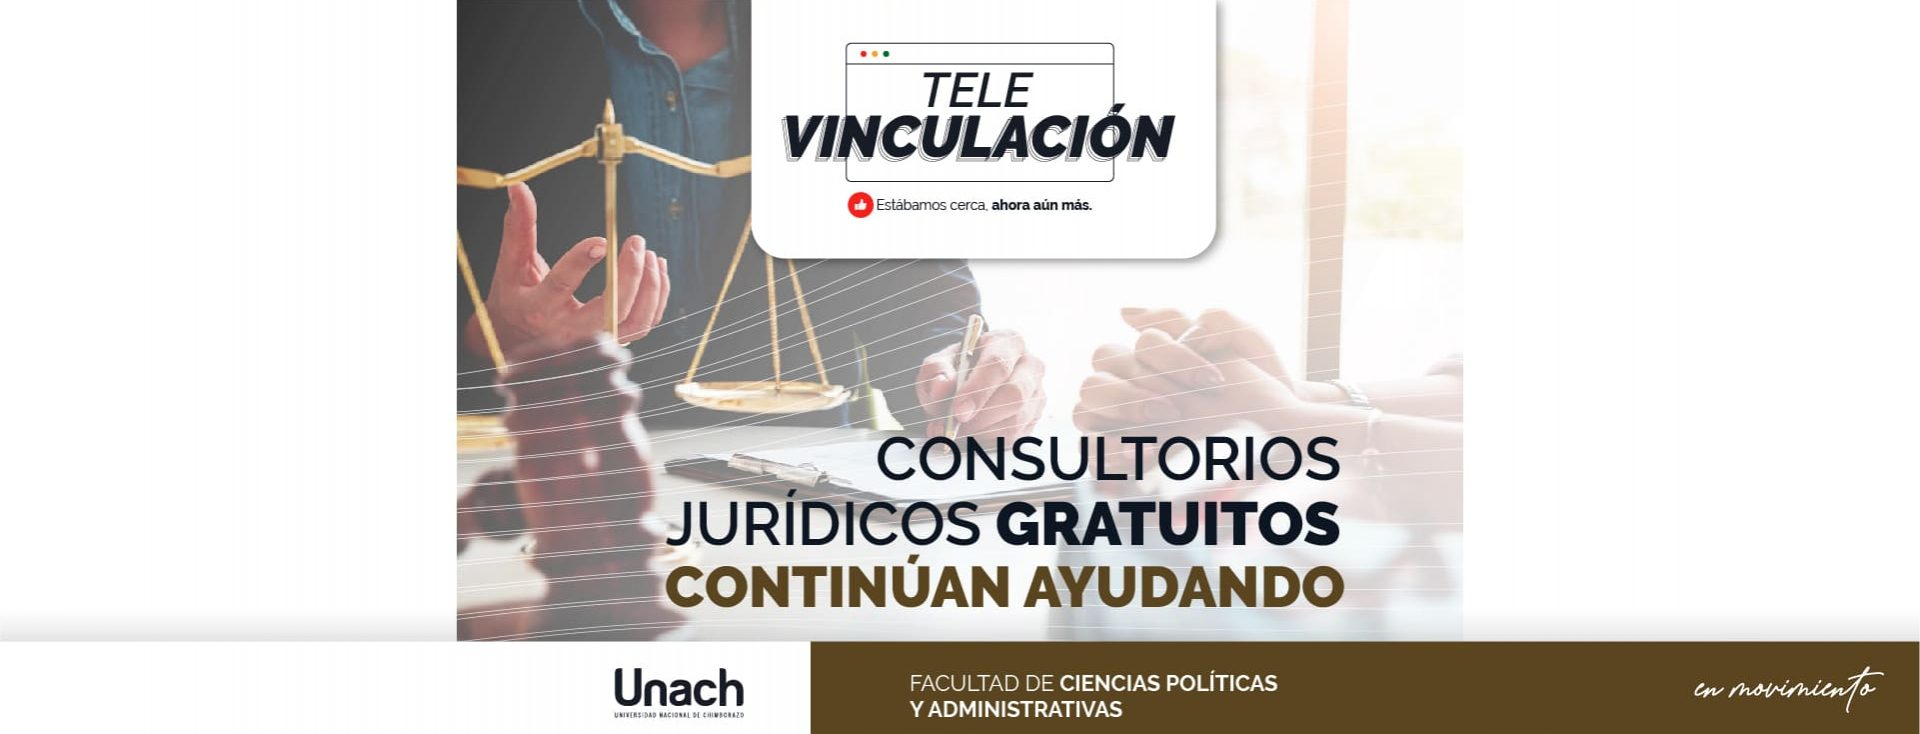 CONSULTORIOS JURÍDICOS GRATUITOS CONTINÚAN AYUDANDO